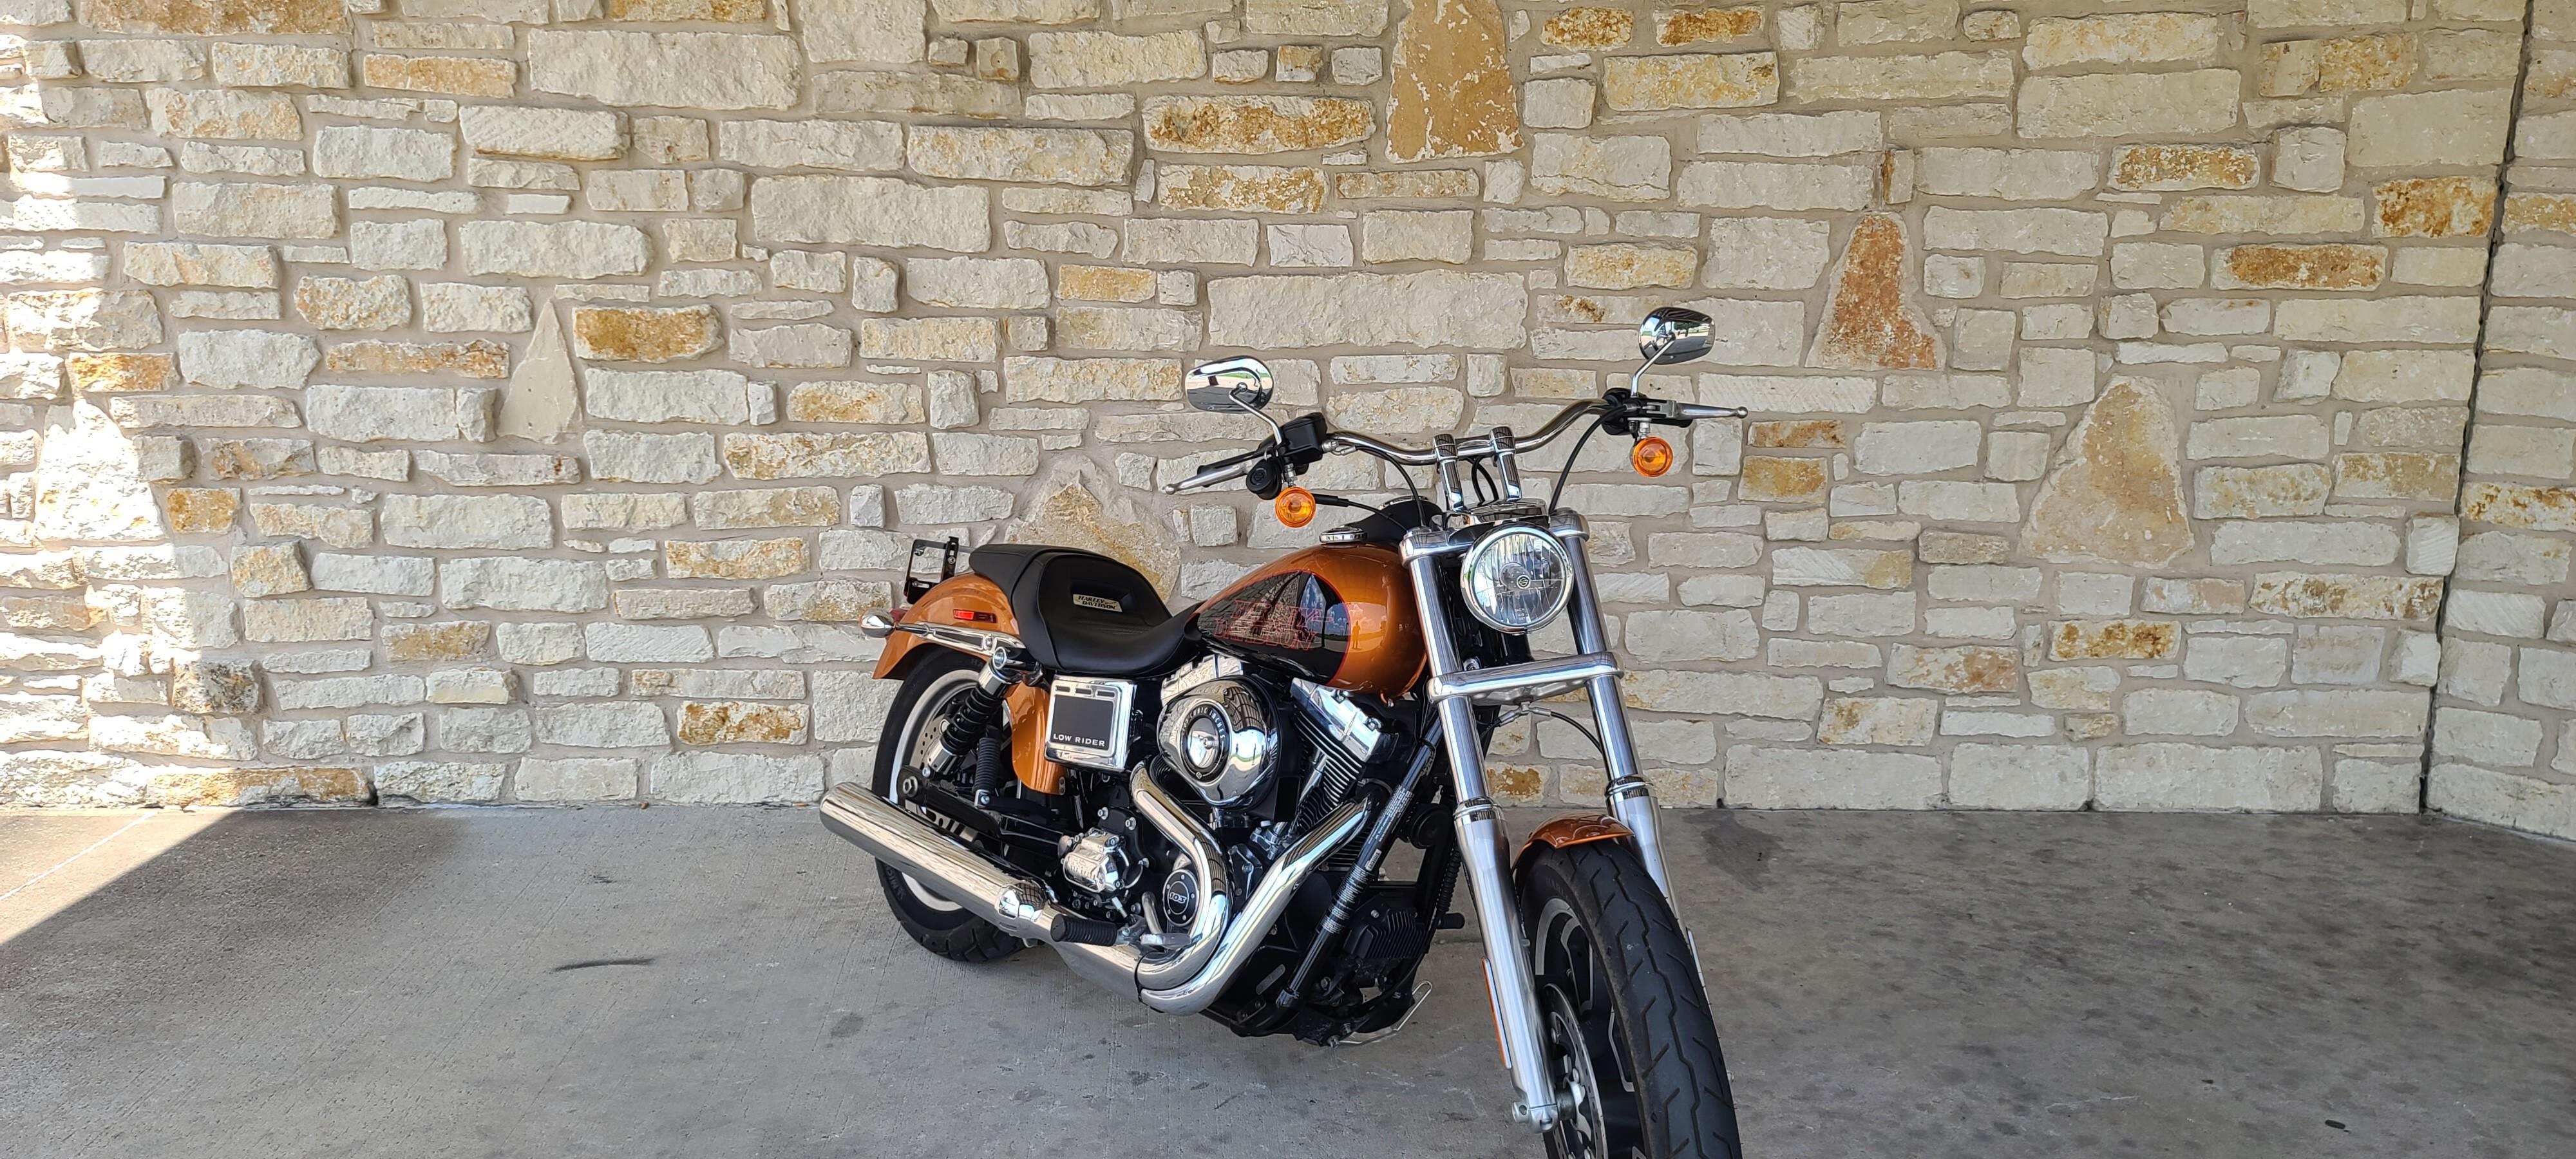 2014 Harley-Davidson Dyna Low Rider at Harley-Davidson of Waco